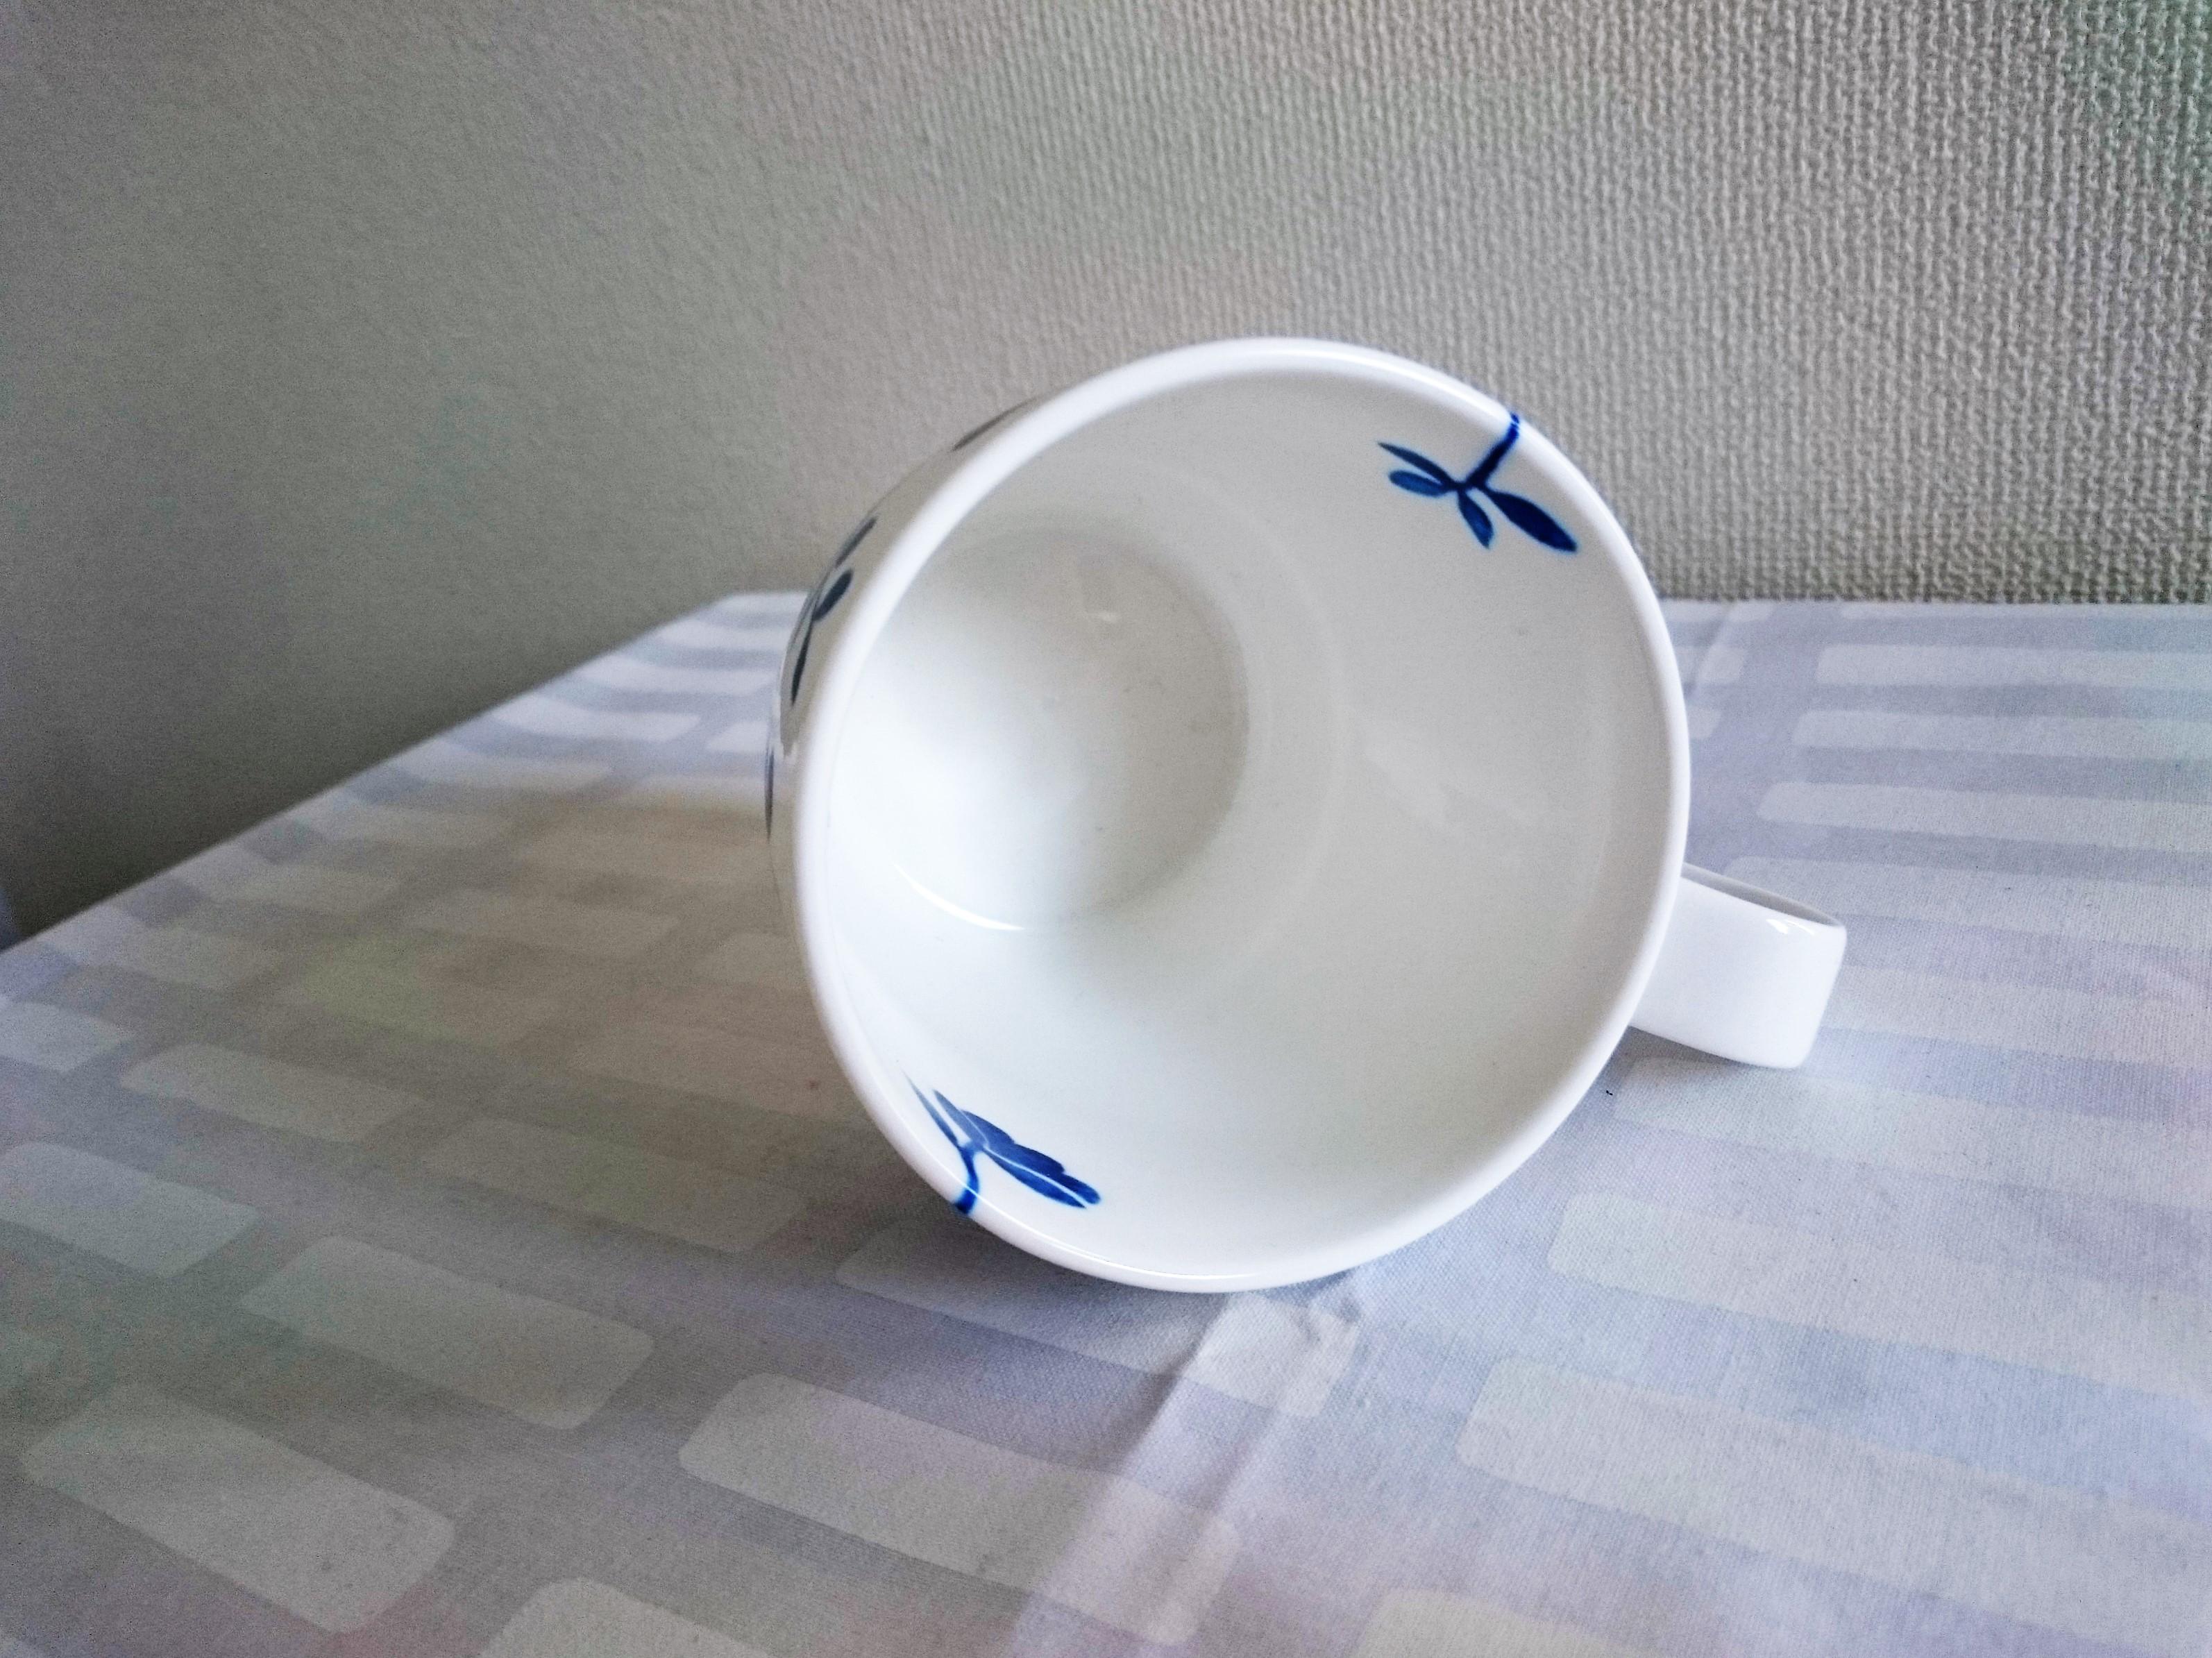 [廃盤] マグカップ / ロールストランド / Pergola ぺルゴラ